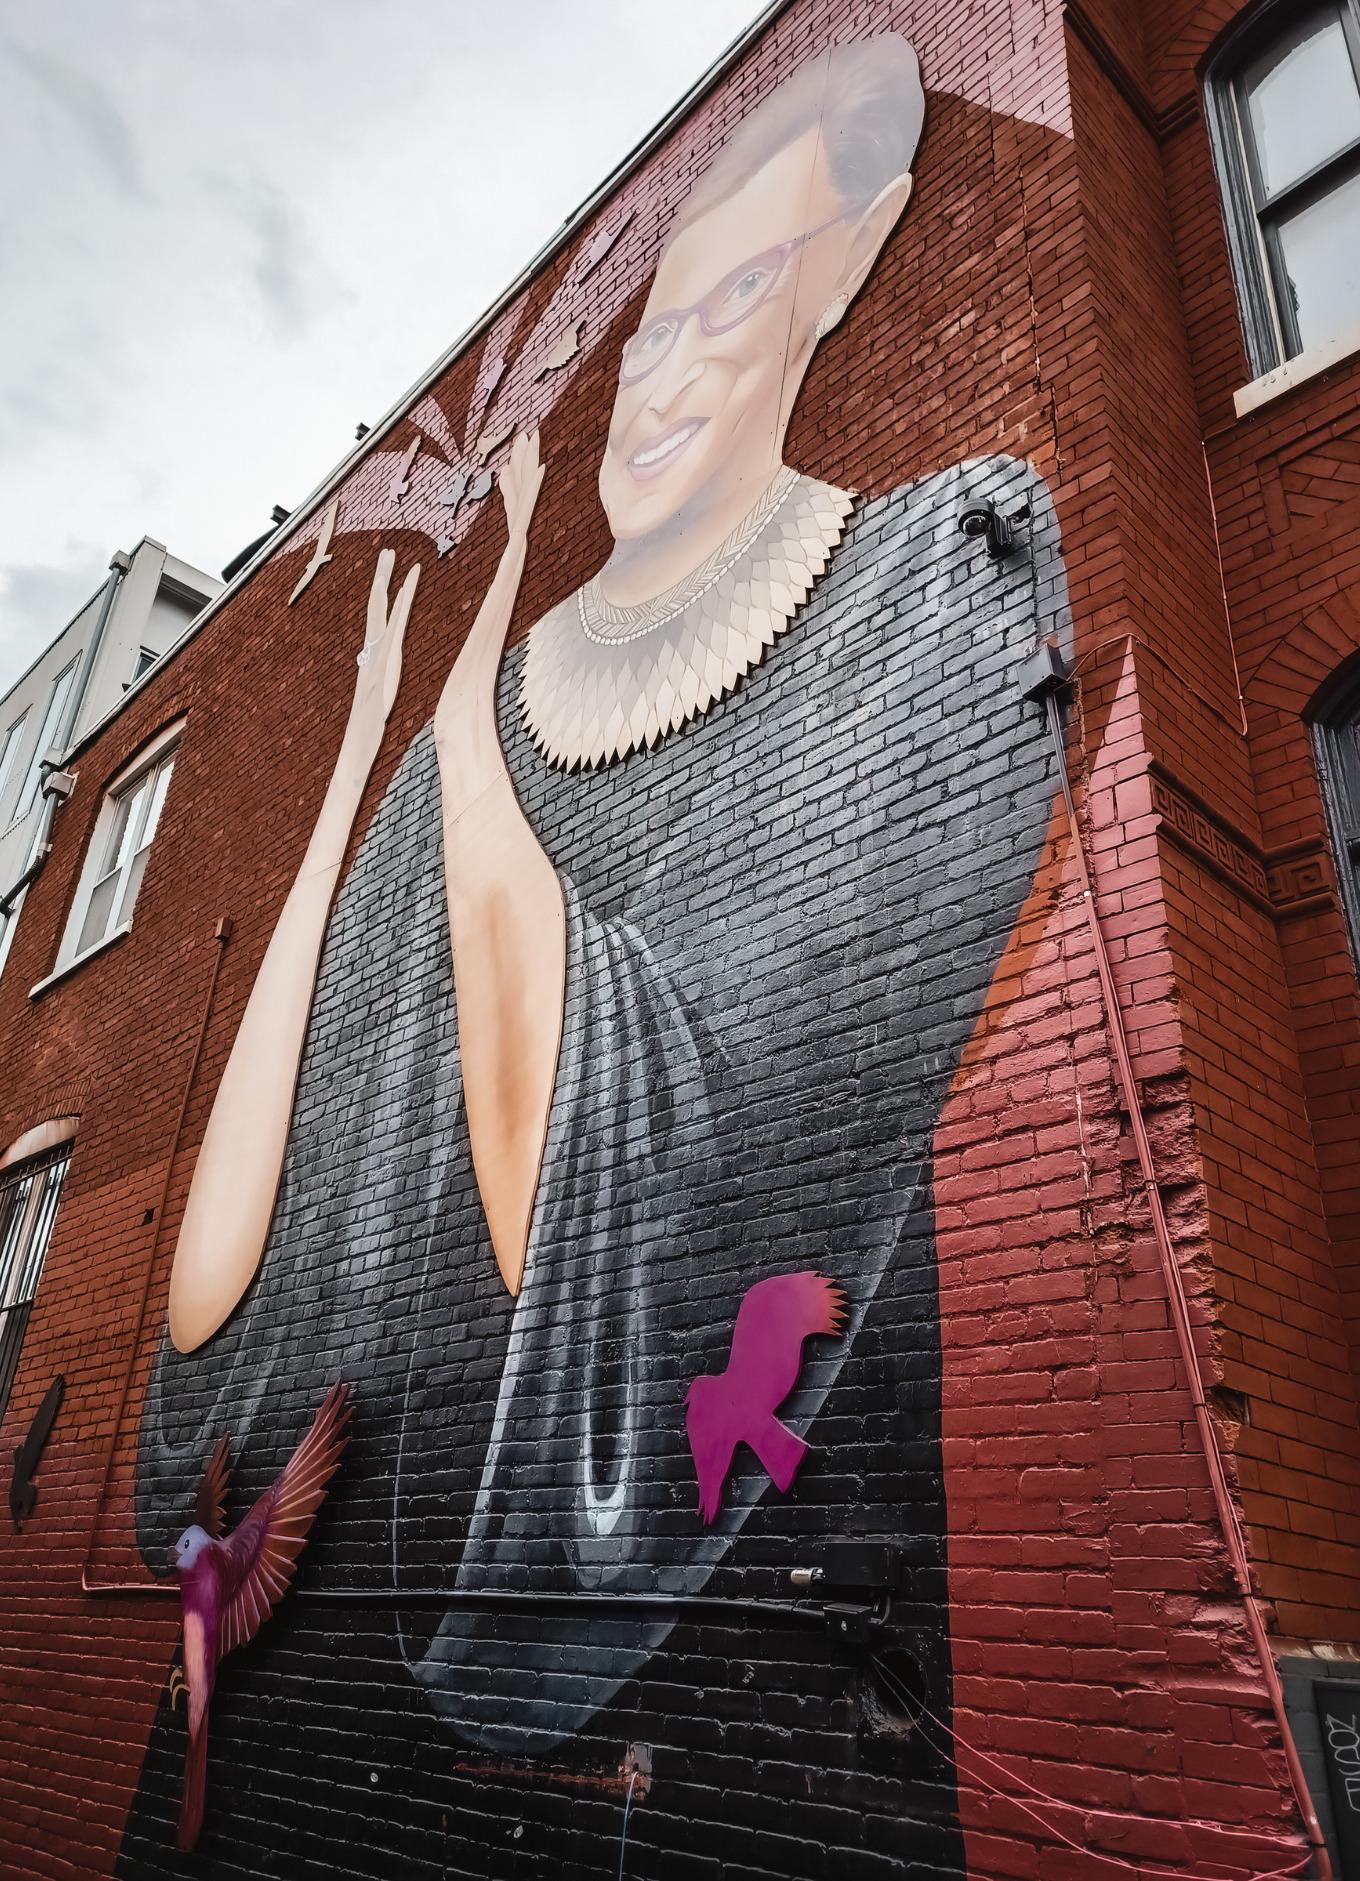 Ruth Bader Ginsburg mural in Washington DC